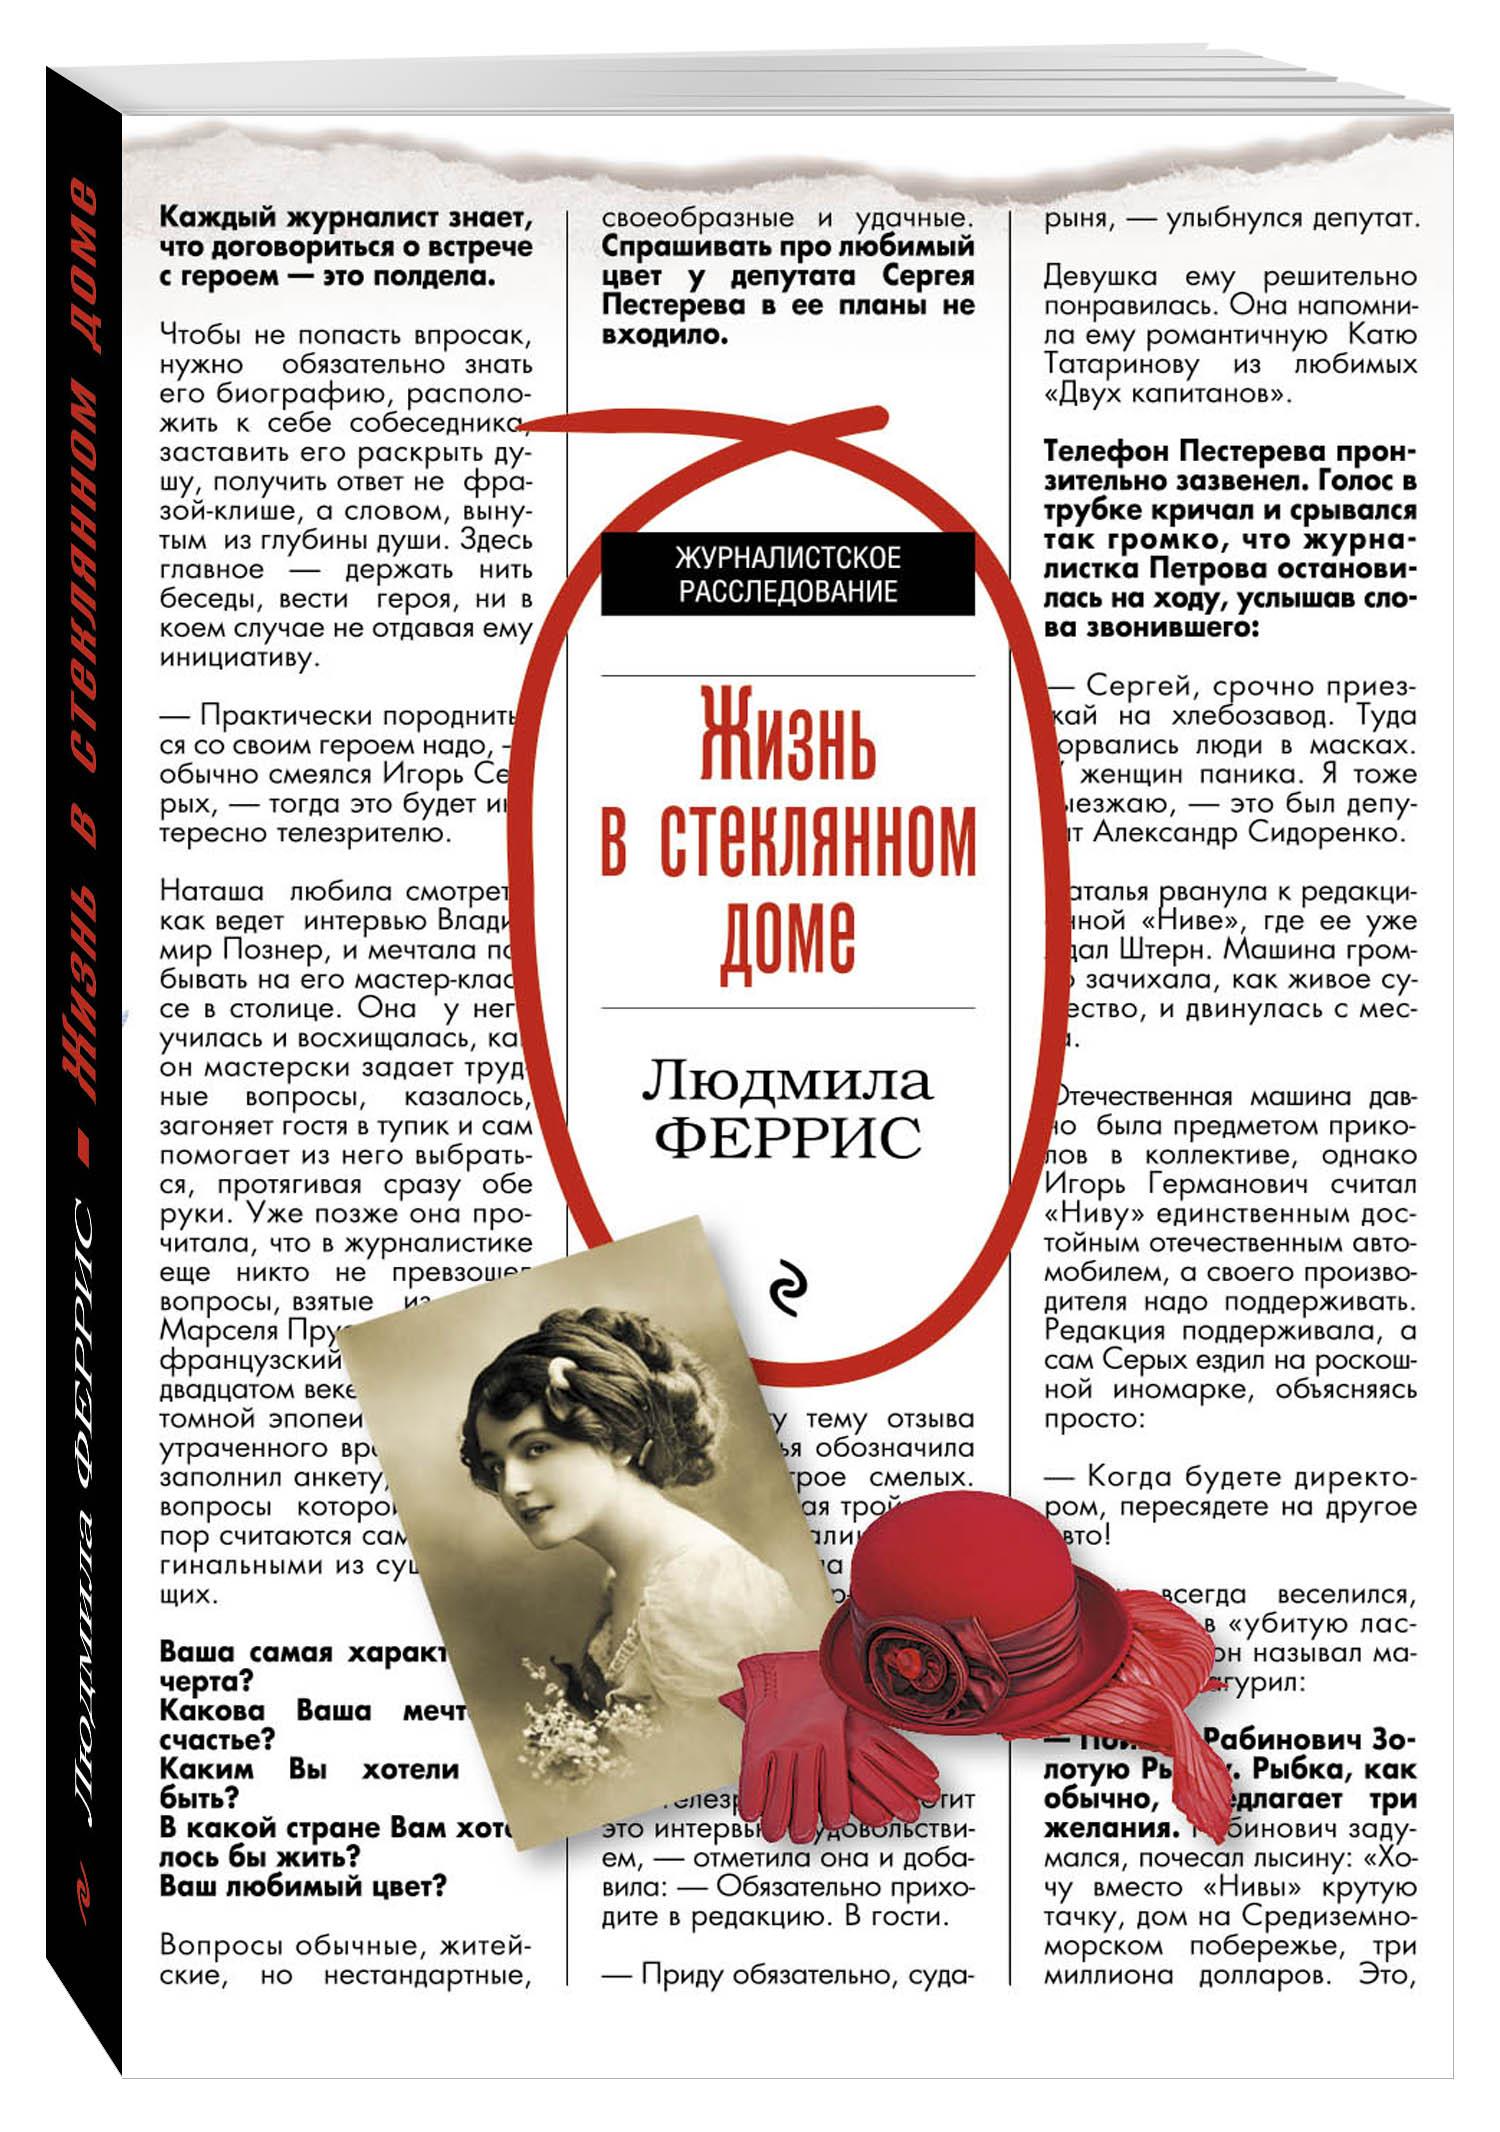 Людмила Феррис Жизнь в стеклянном доме